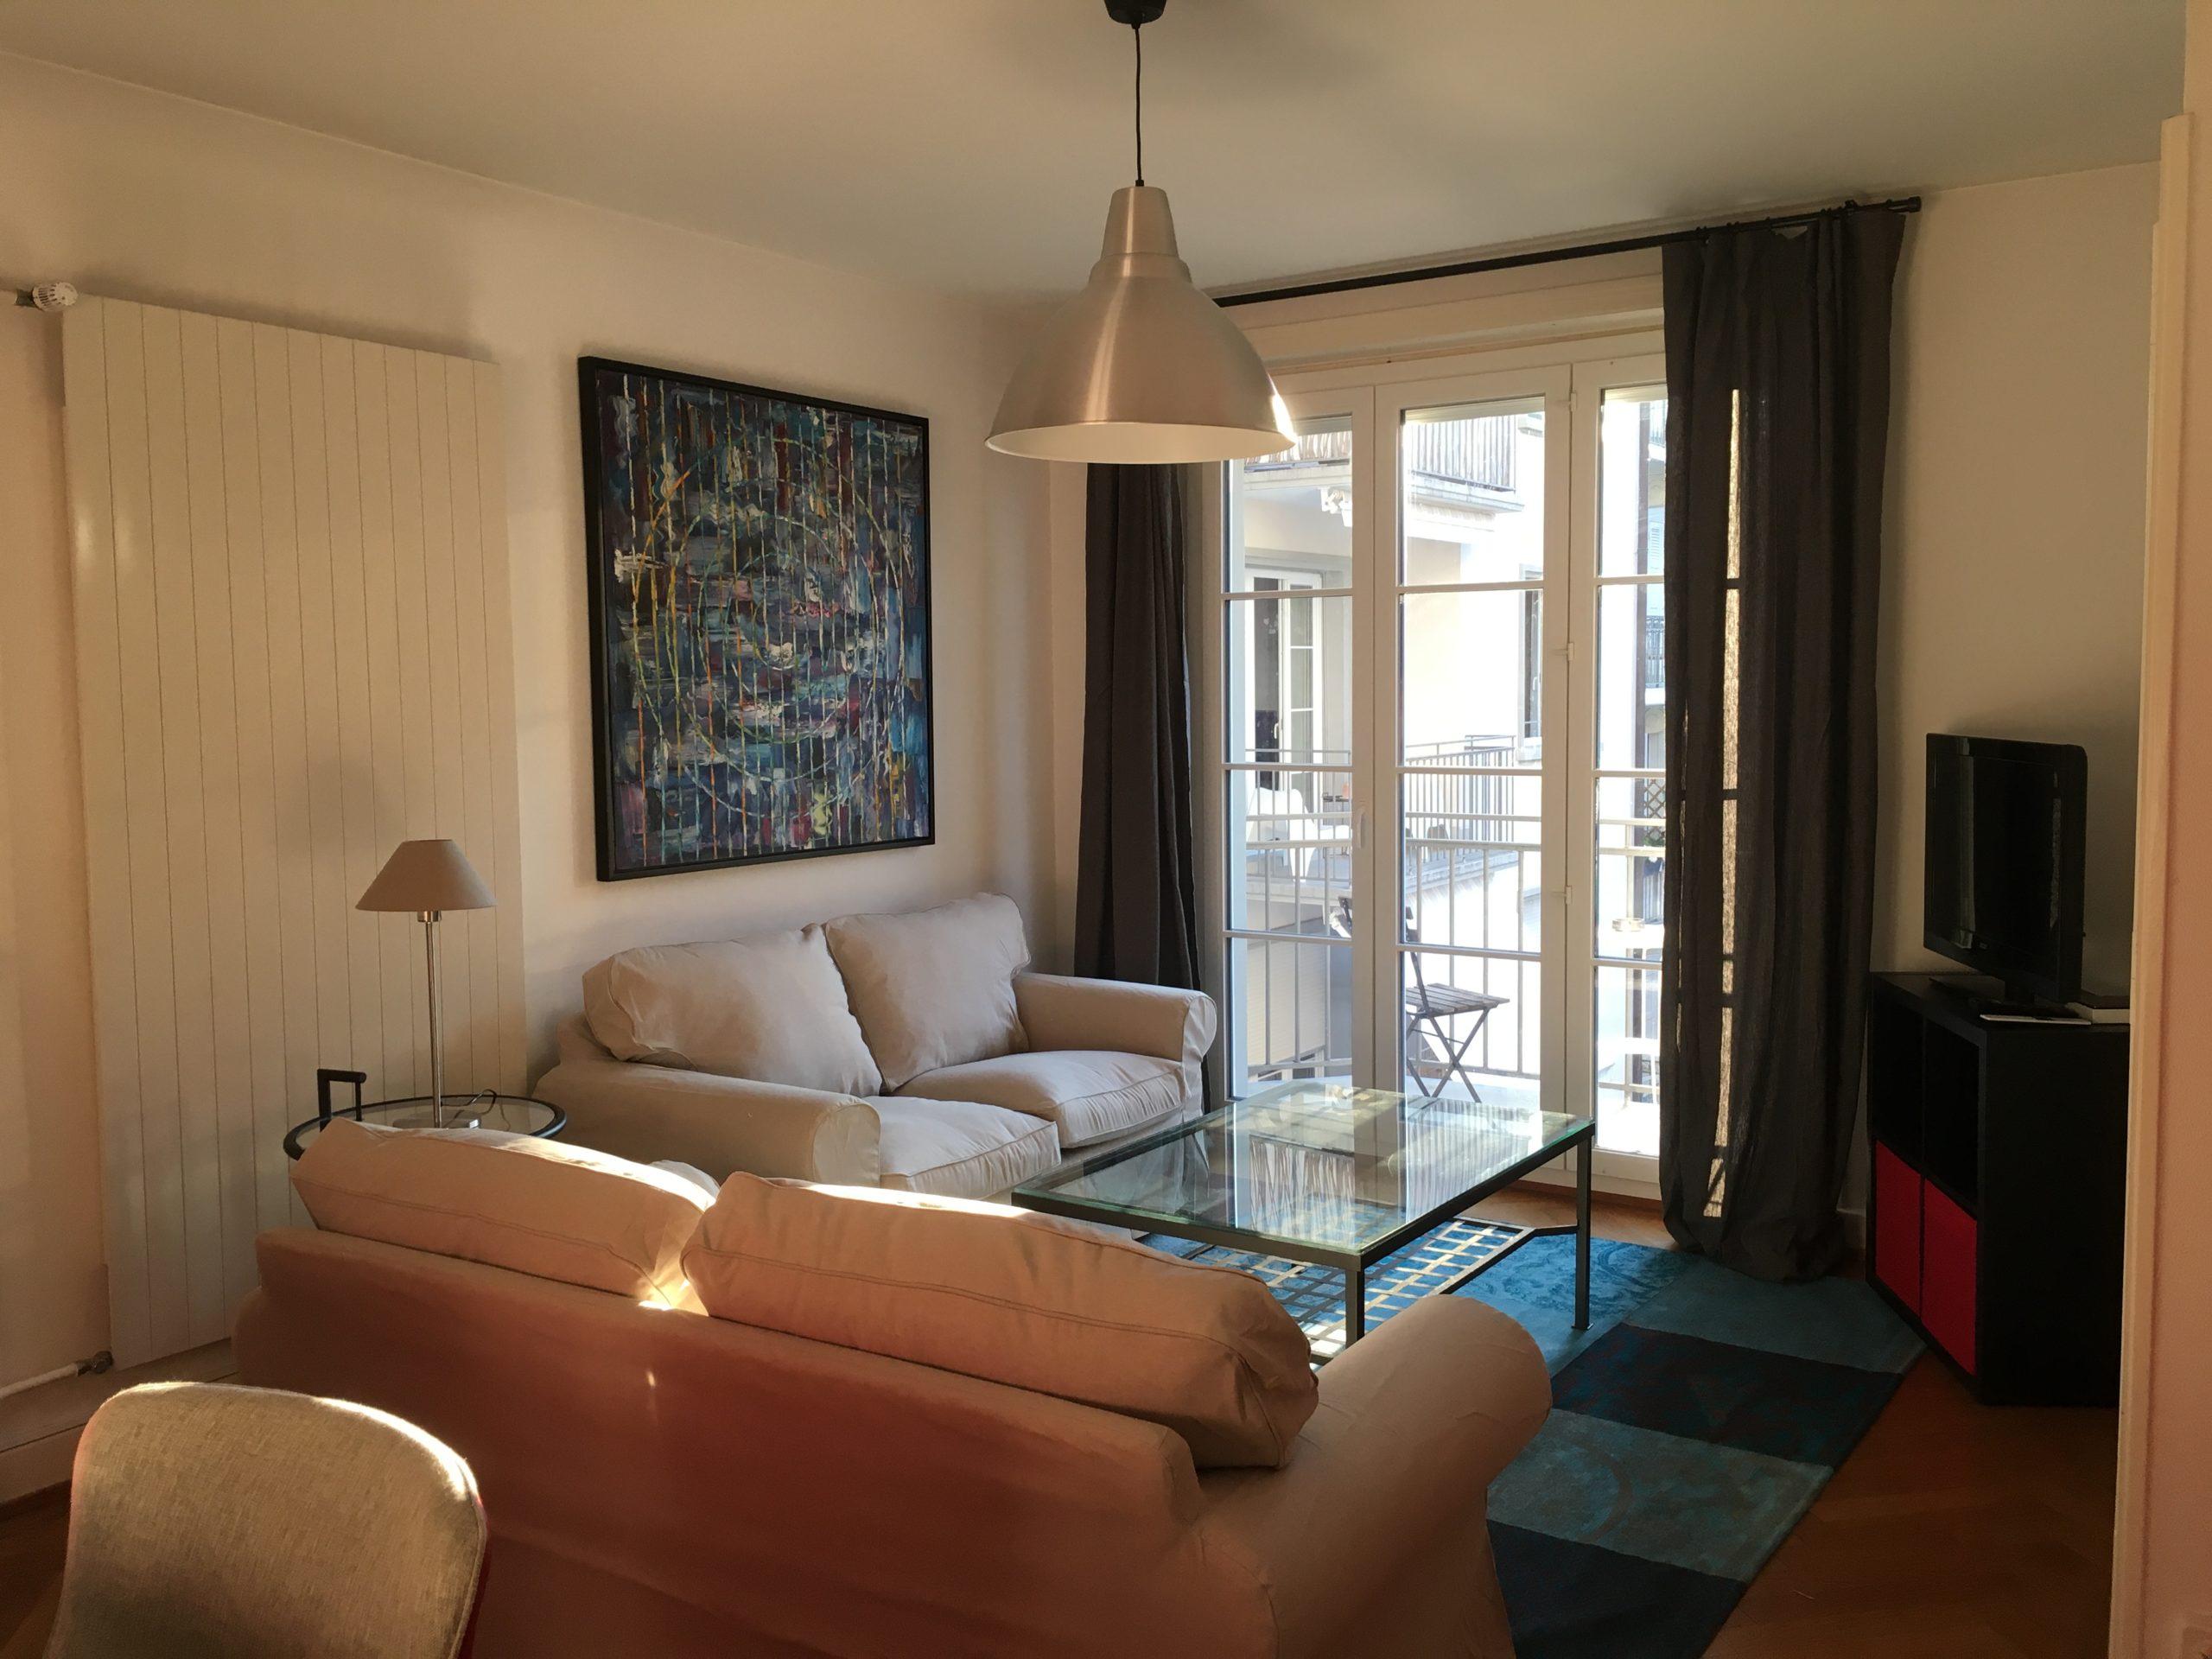 Rue du Simplons 19, Lausanne - 3,5 Pièces 3